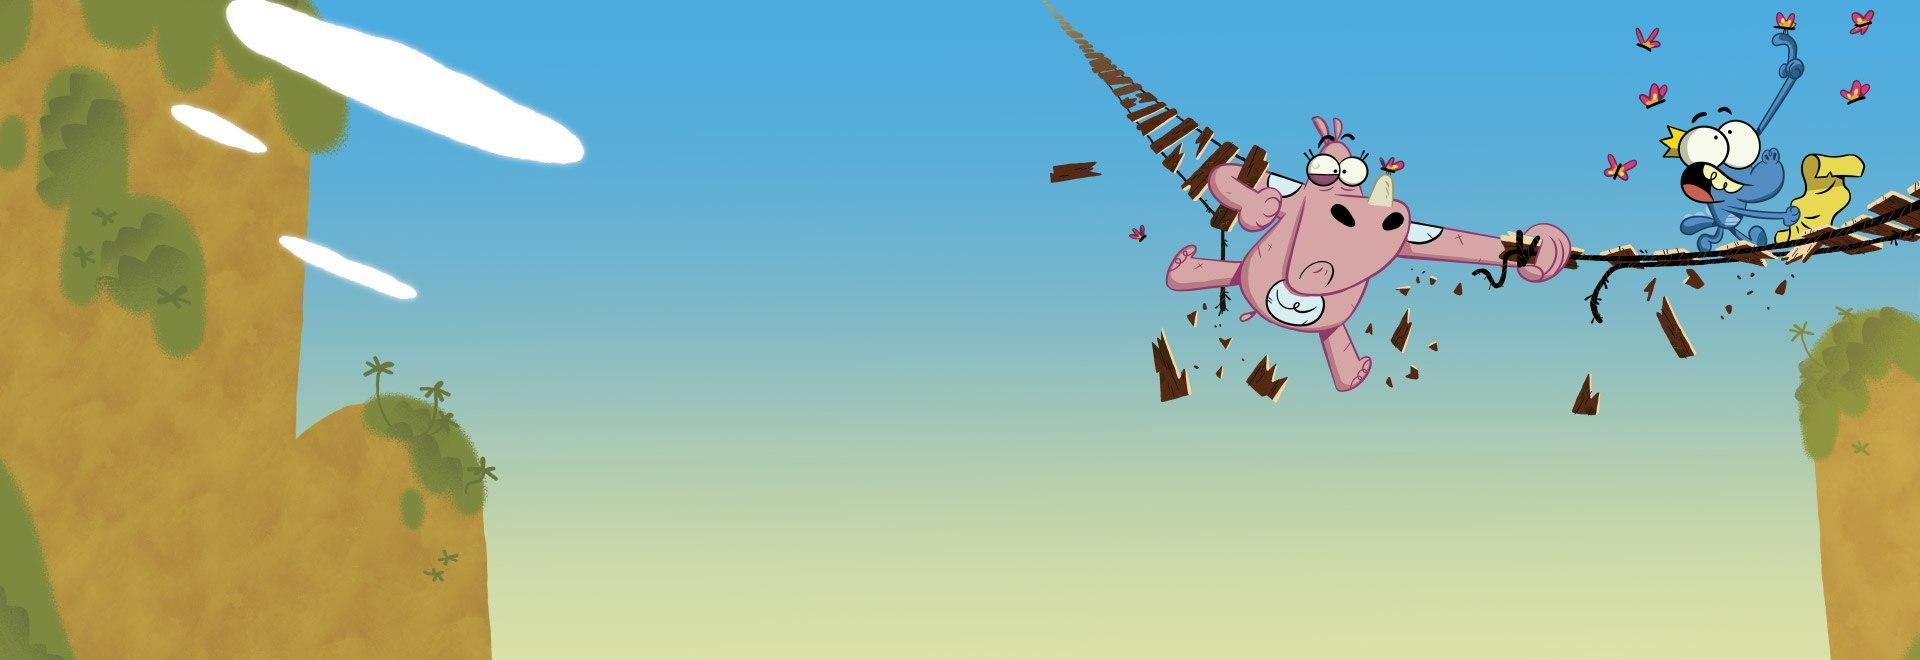 Il principe e il favoloso unicorno